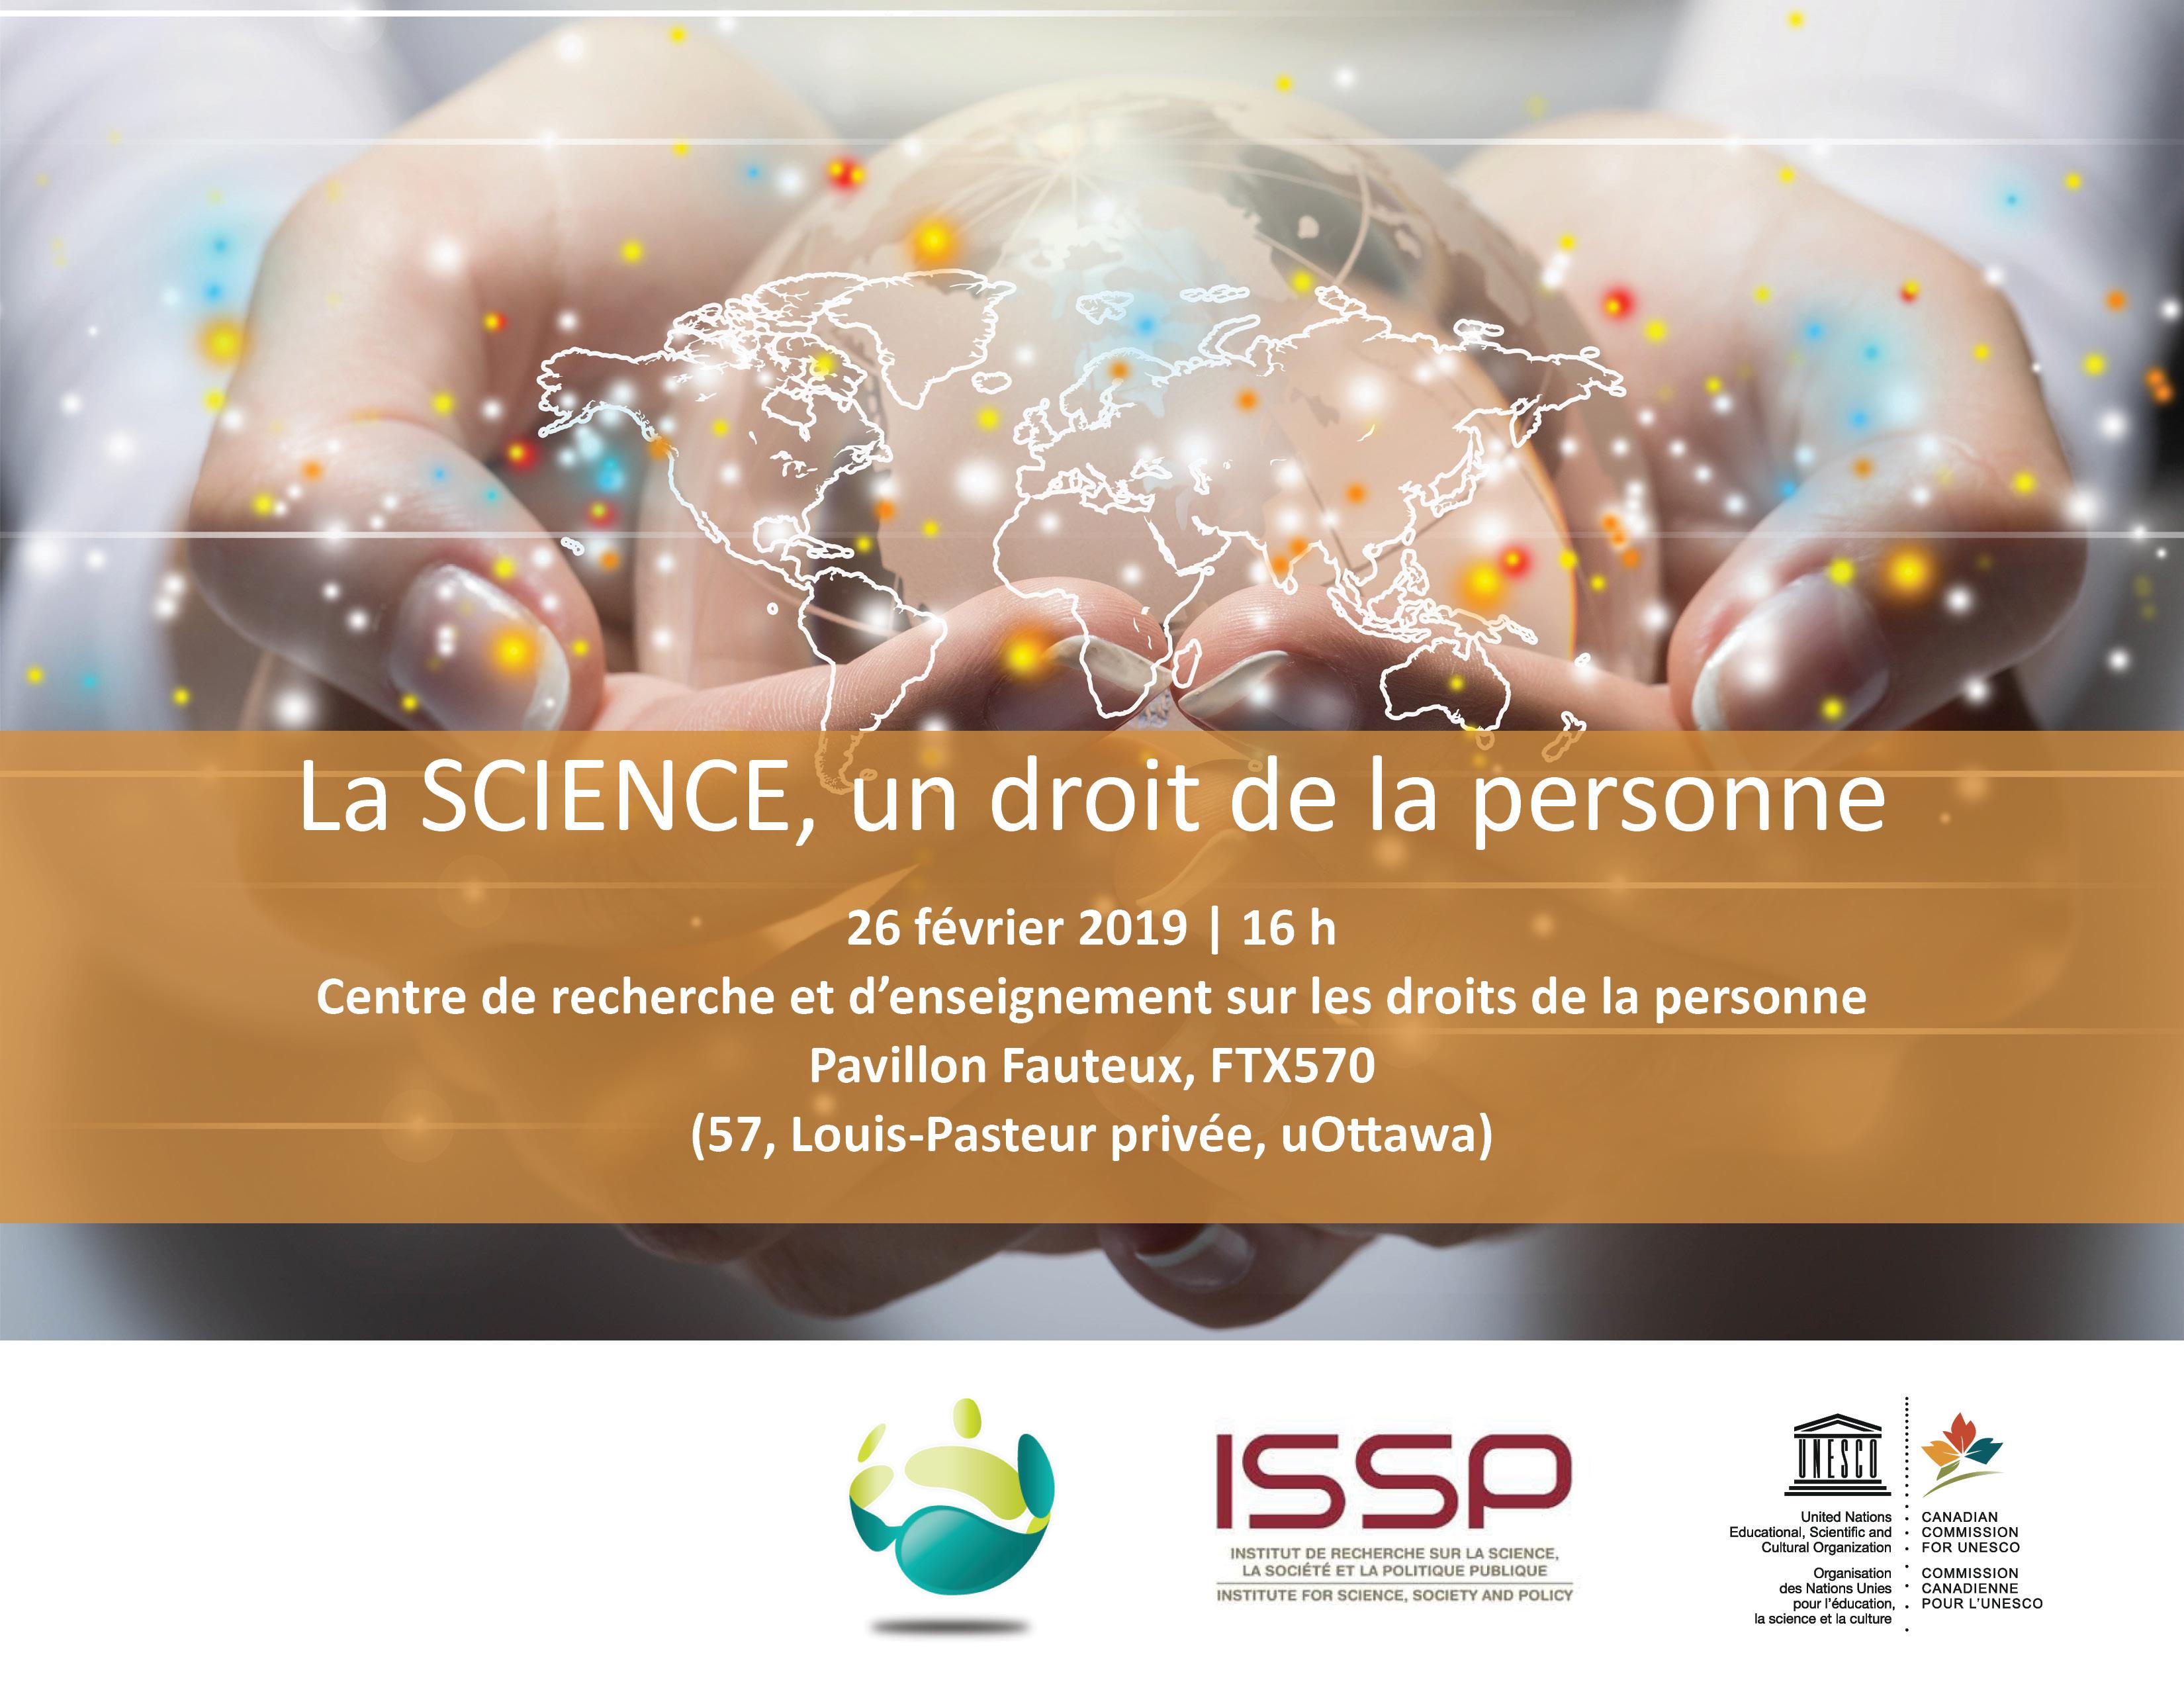 La SCIENCE, un droit de la personne